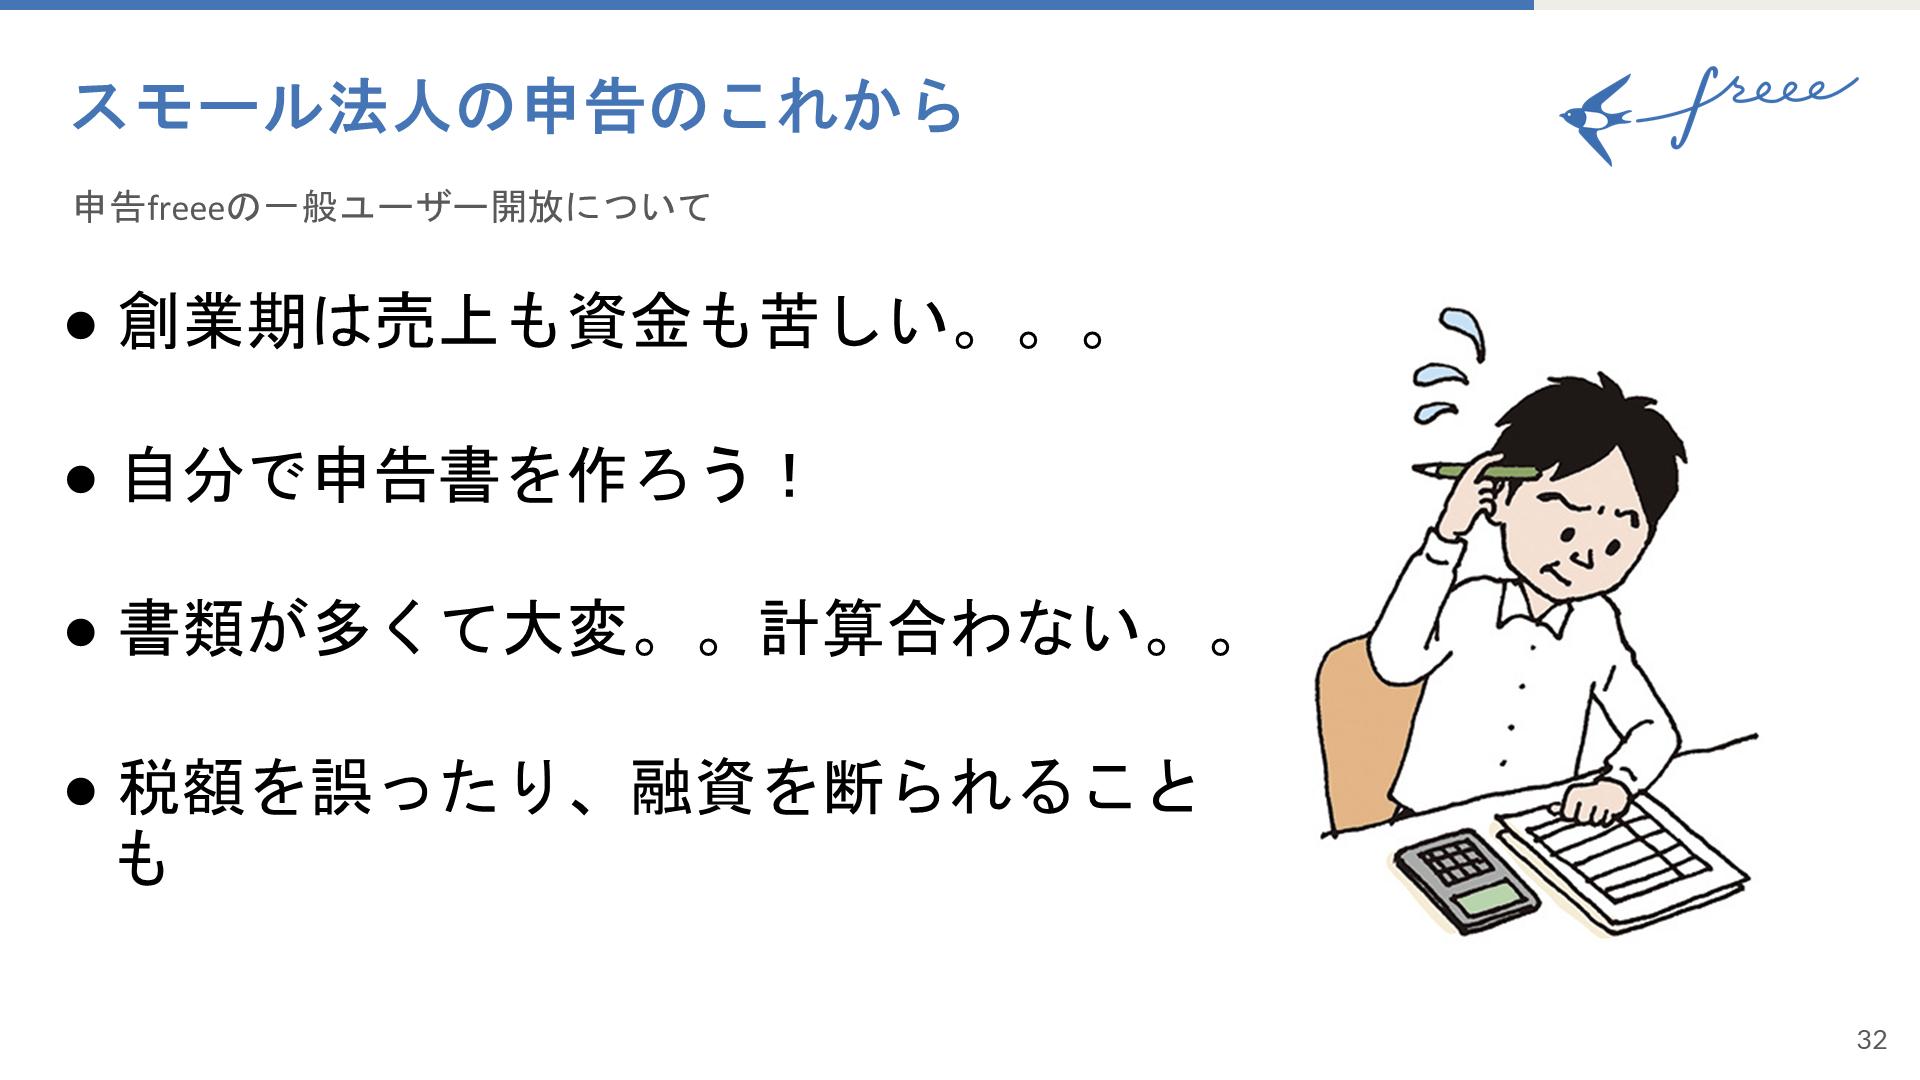 スモール法人向けセルフ申告ソフト『申告freee』イベントレポート